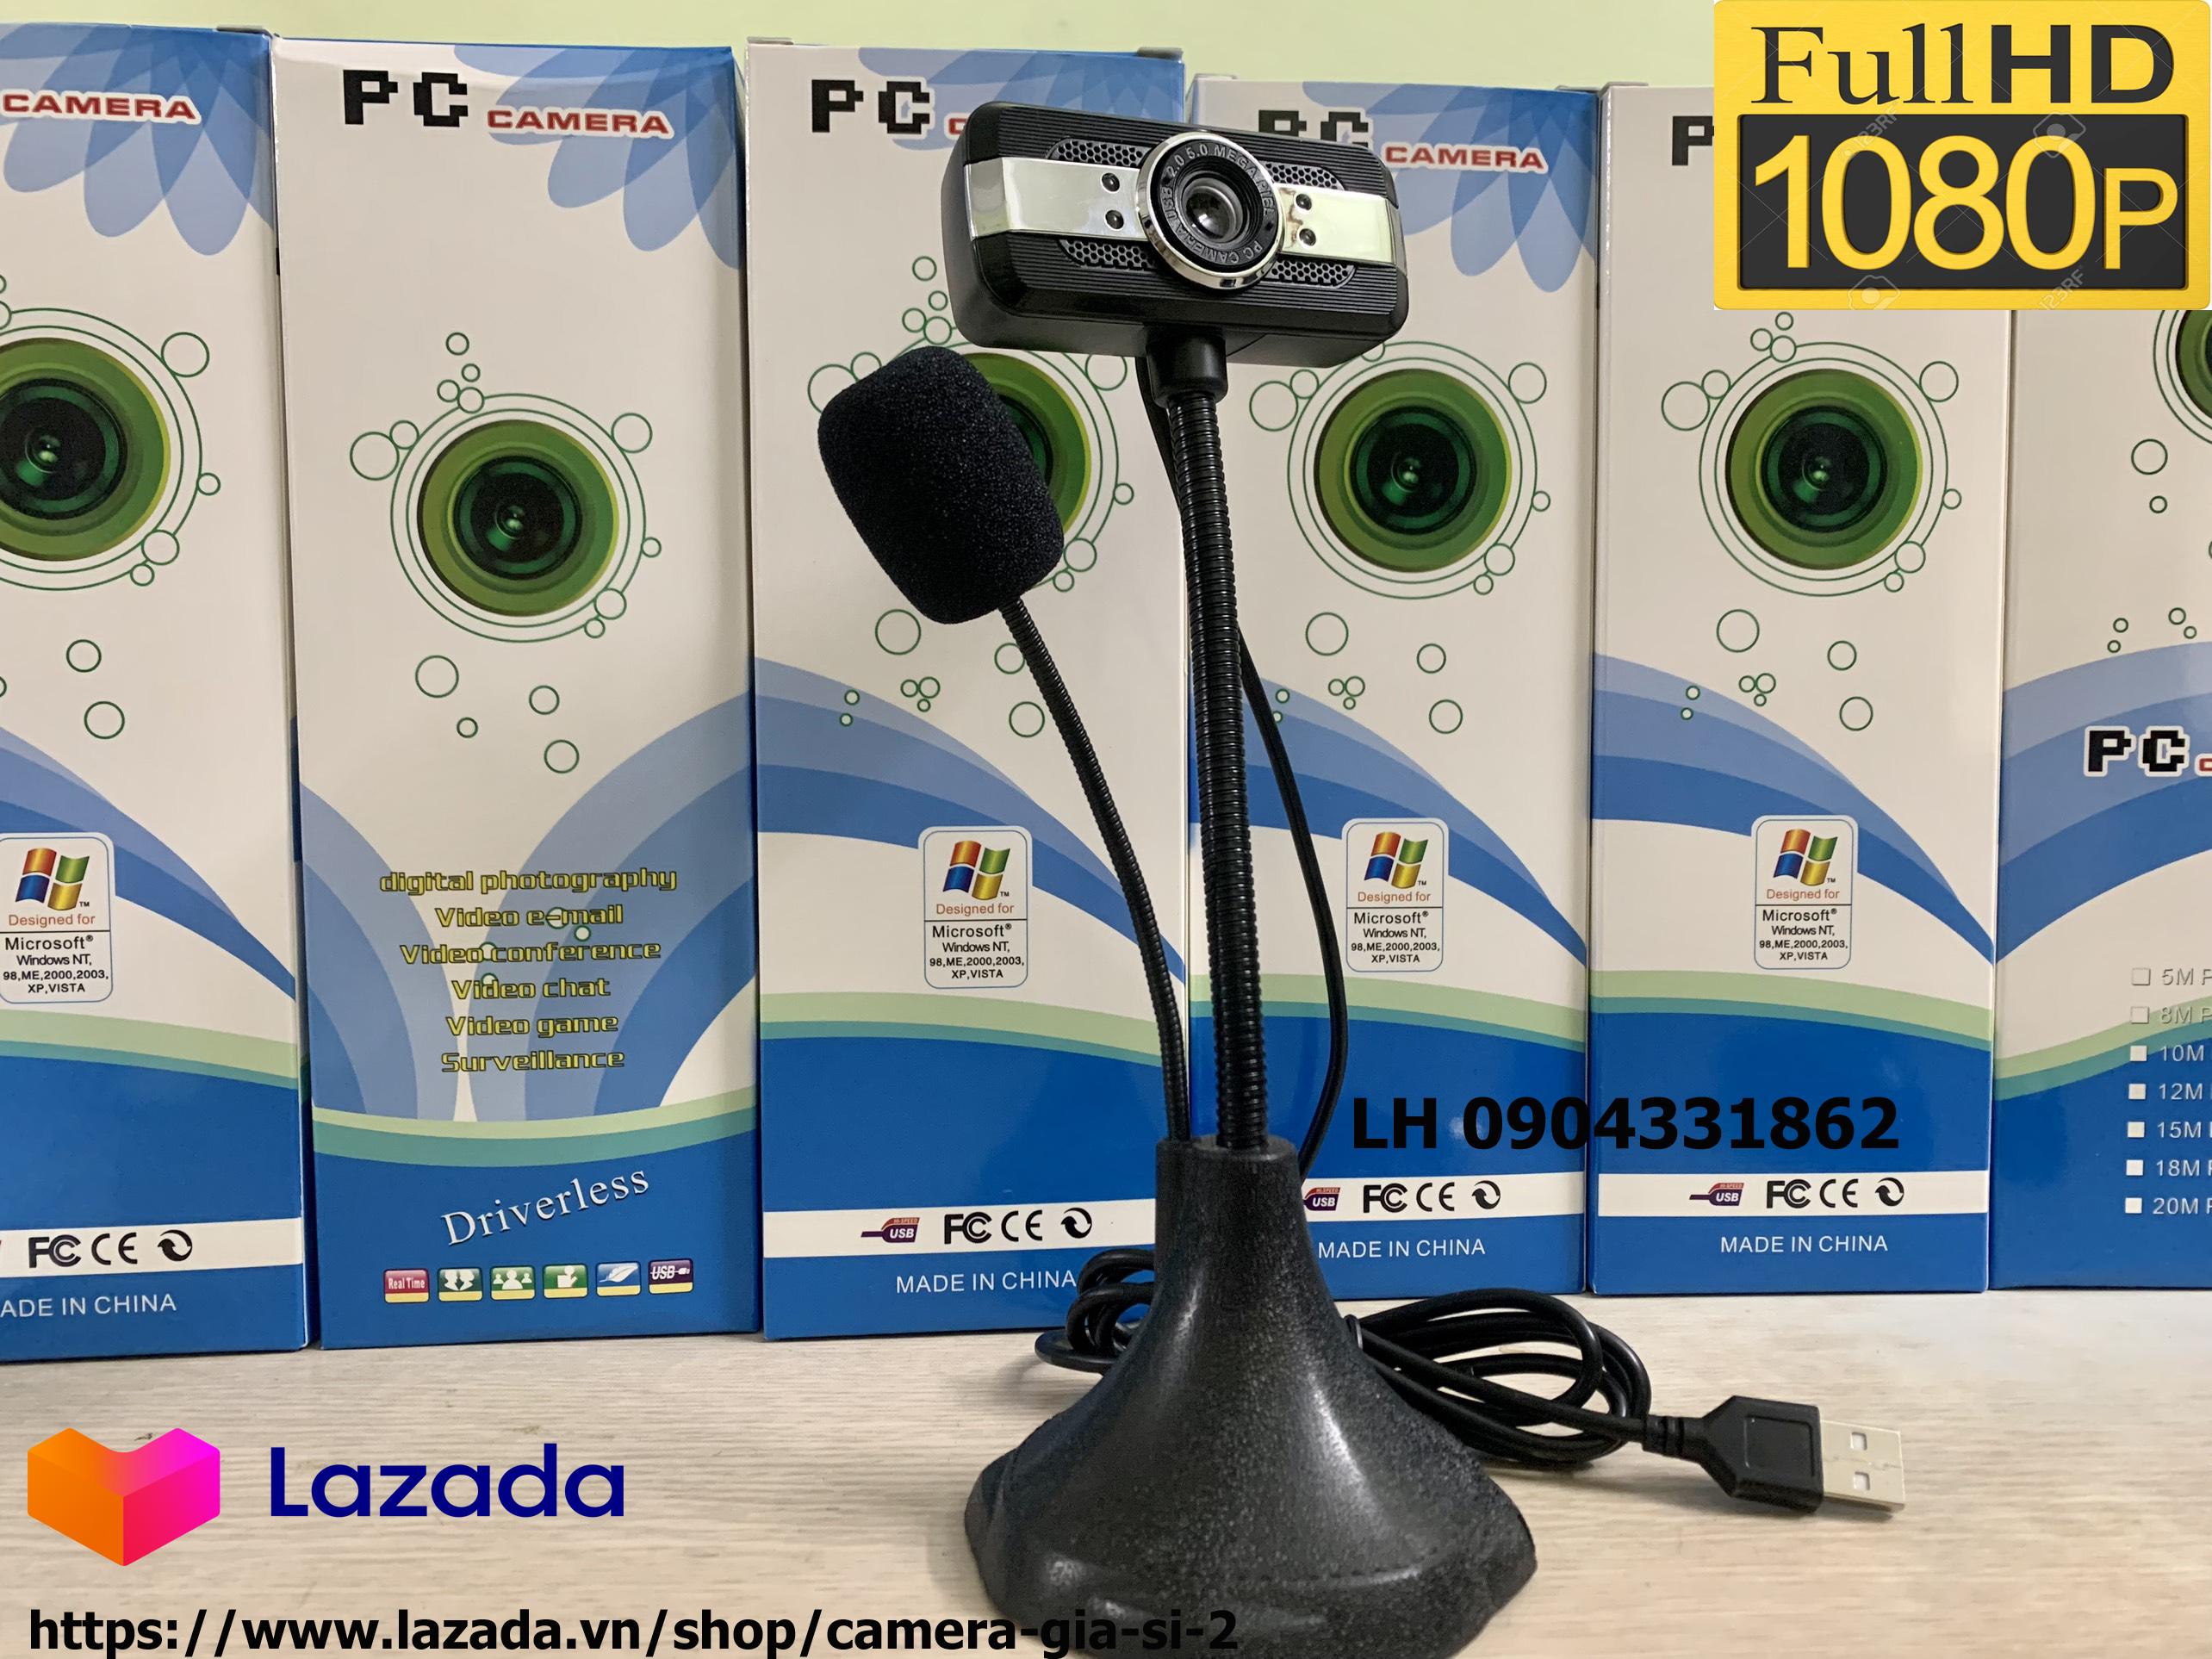 camera webcam Tích hợp Micro dùng cho học trực tuyến, họp online chất lượng hình ảnh HD720P và FHD 1080P có đèn LED trợ sáng . kết nối máy tính quan cổng usb . máy tính tự nhận cắm làm chạy không cần cài đặt 5